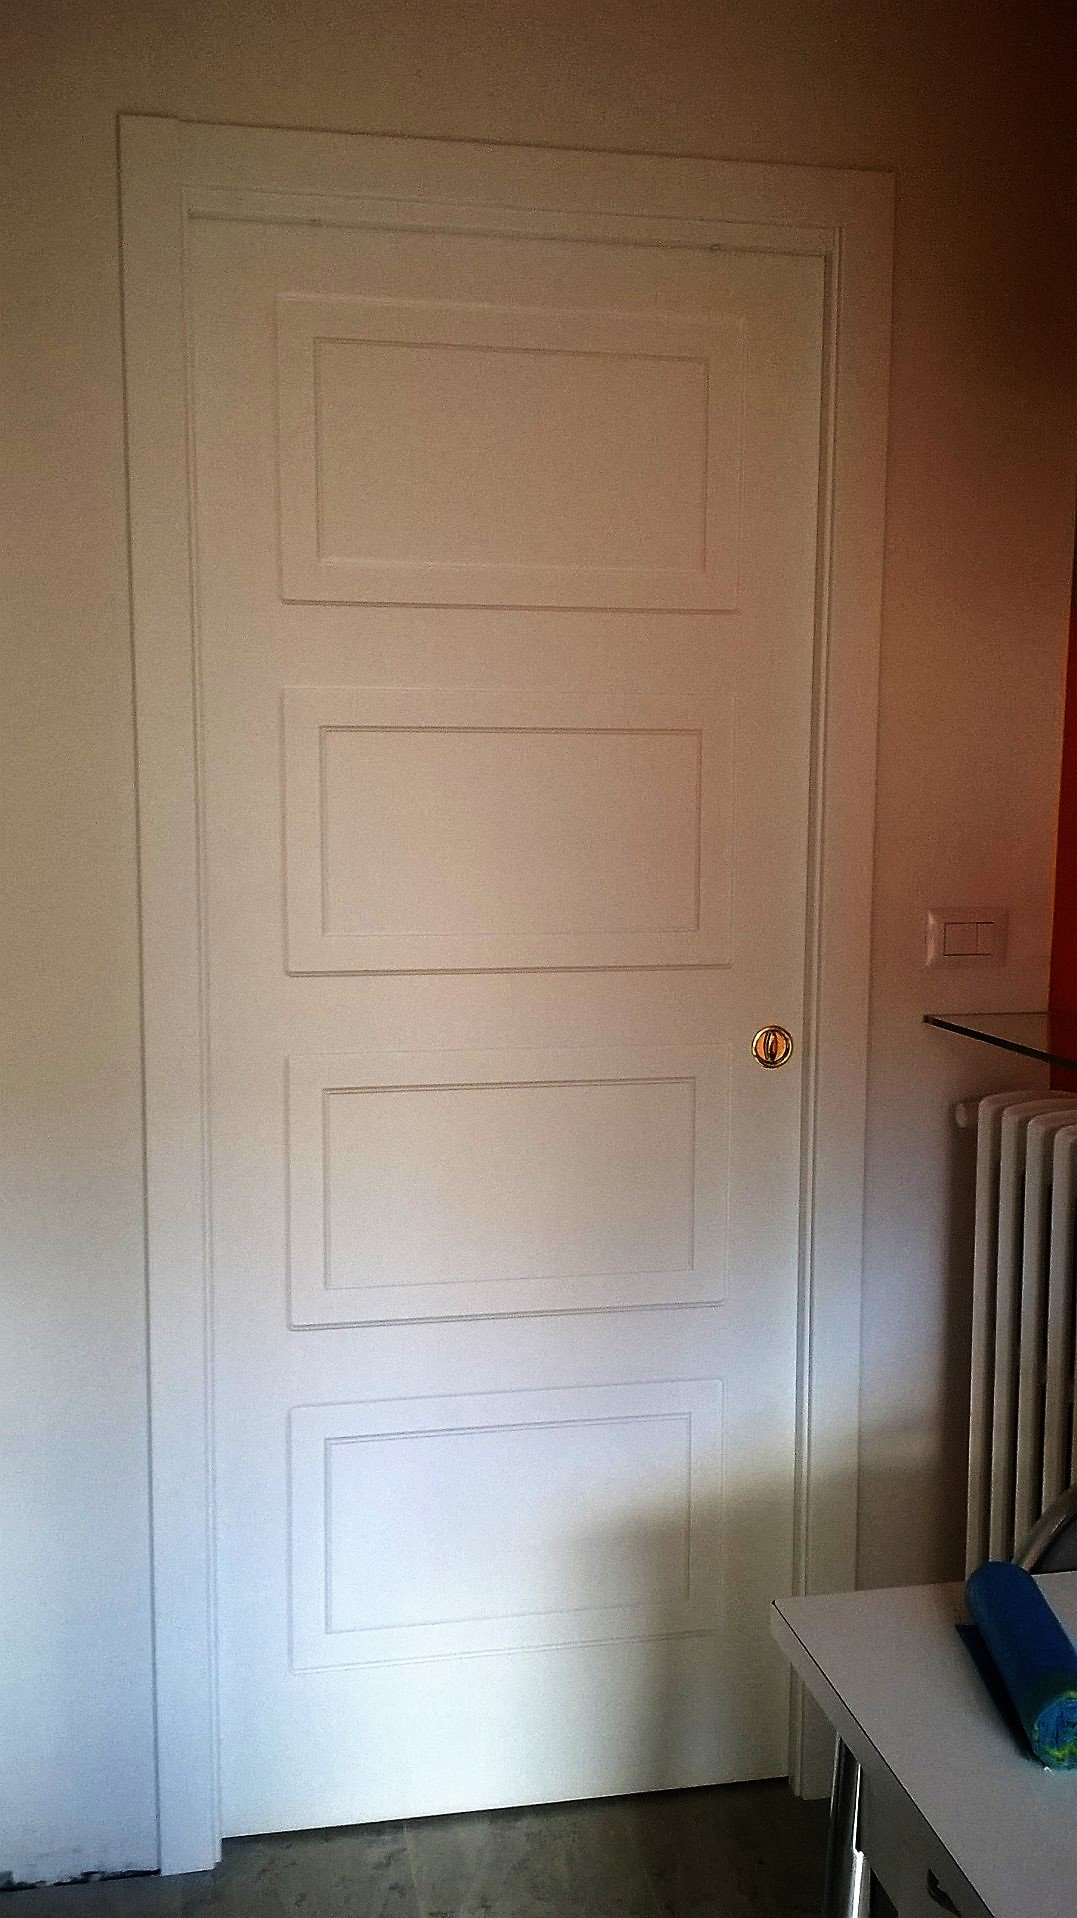 Porta interna bianca con decorazioni quadrate